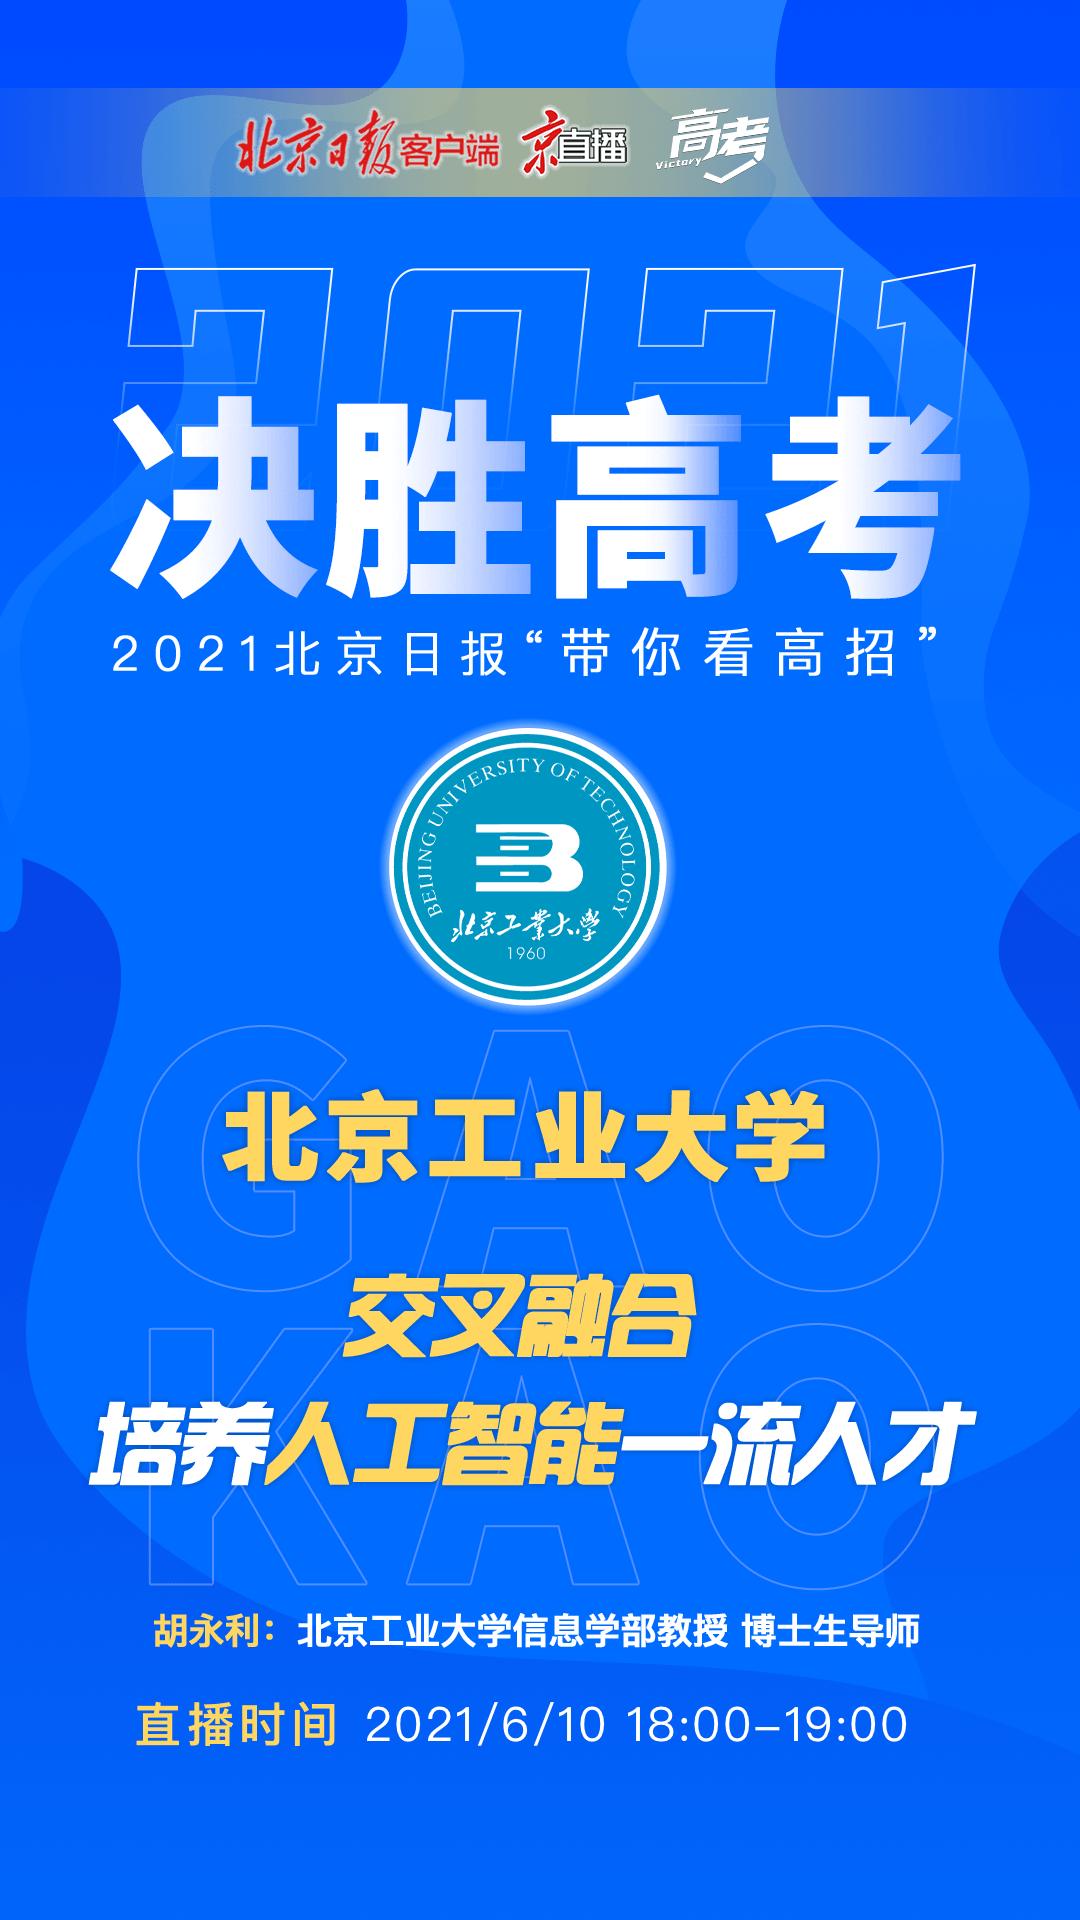 今年北京工业大学新增一专业毕业有望进入BAT